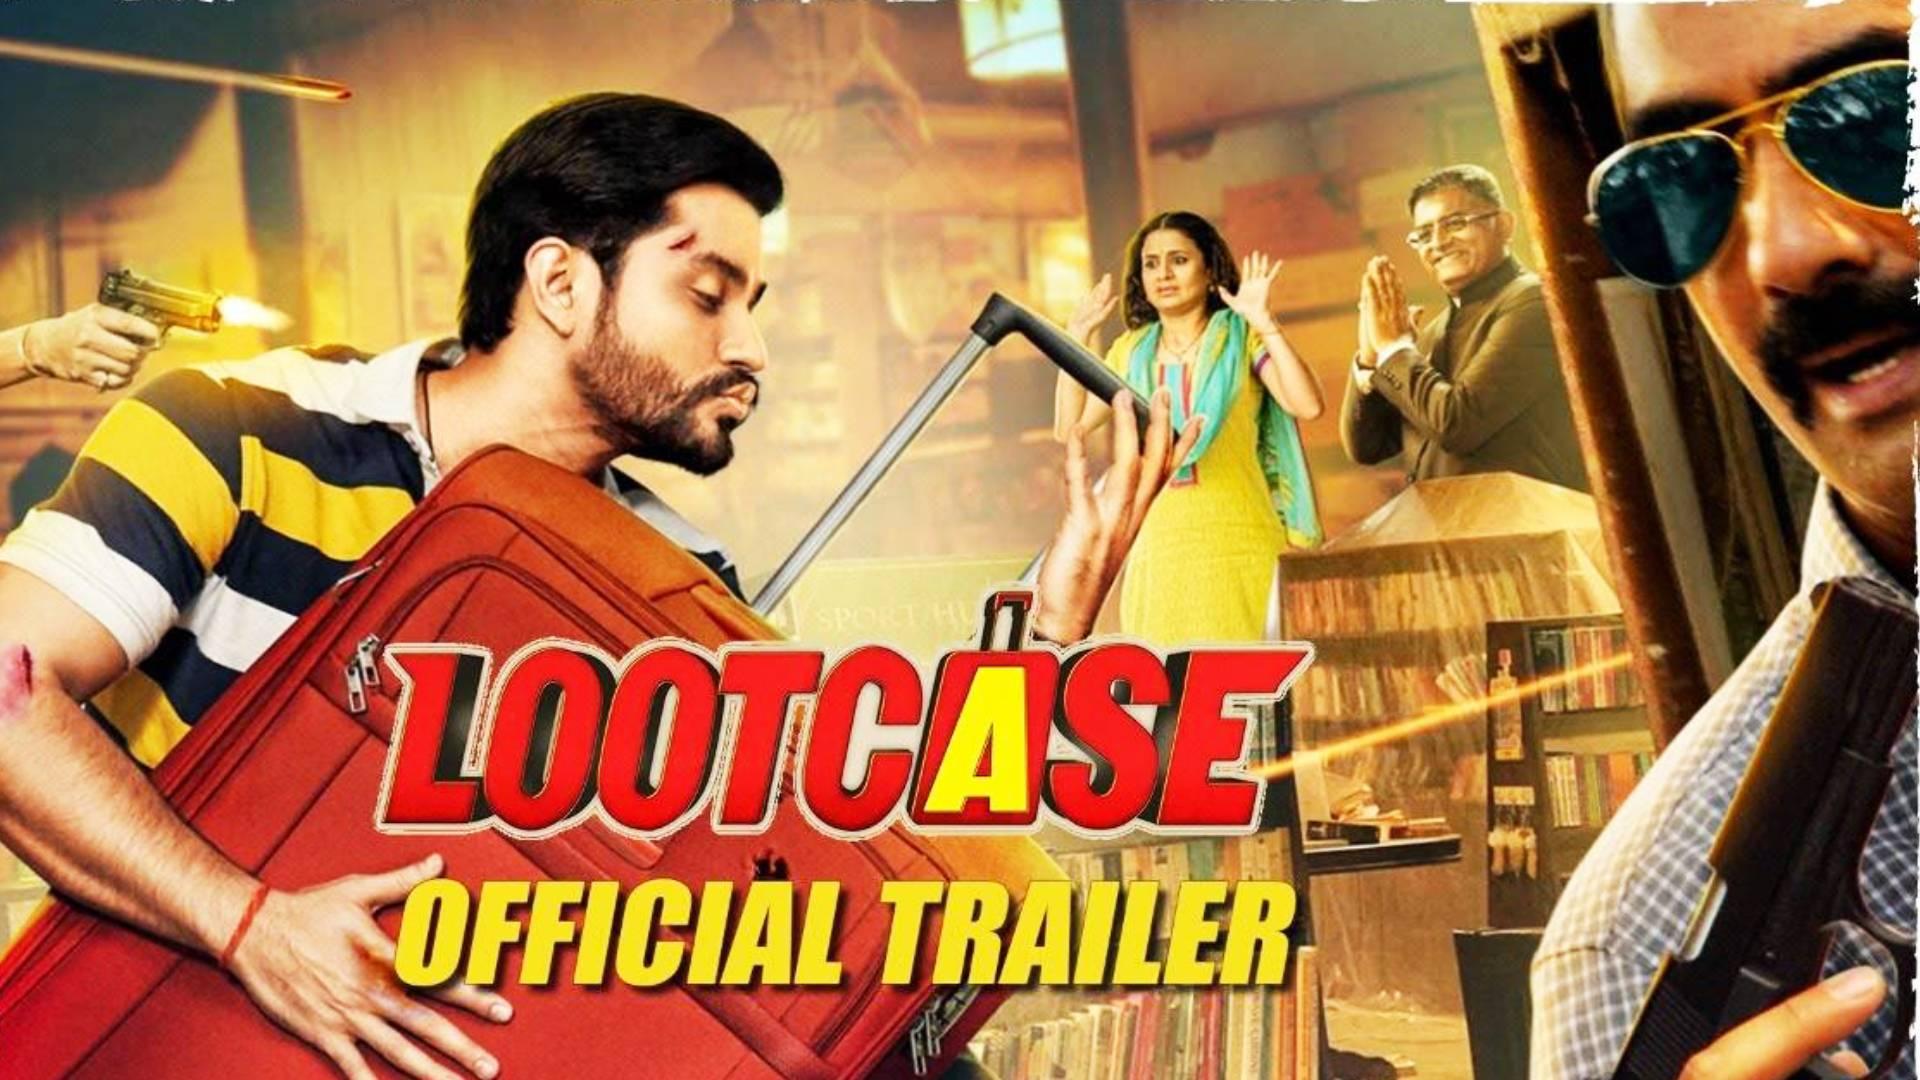 Lootcase Movie: यूपी पुलिस ने शेयर किया फिल्म लूटकेस का ट्रेलर, तो कुणाल खेमू ने दिया ये मजेदार रिएक्शन